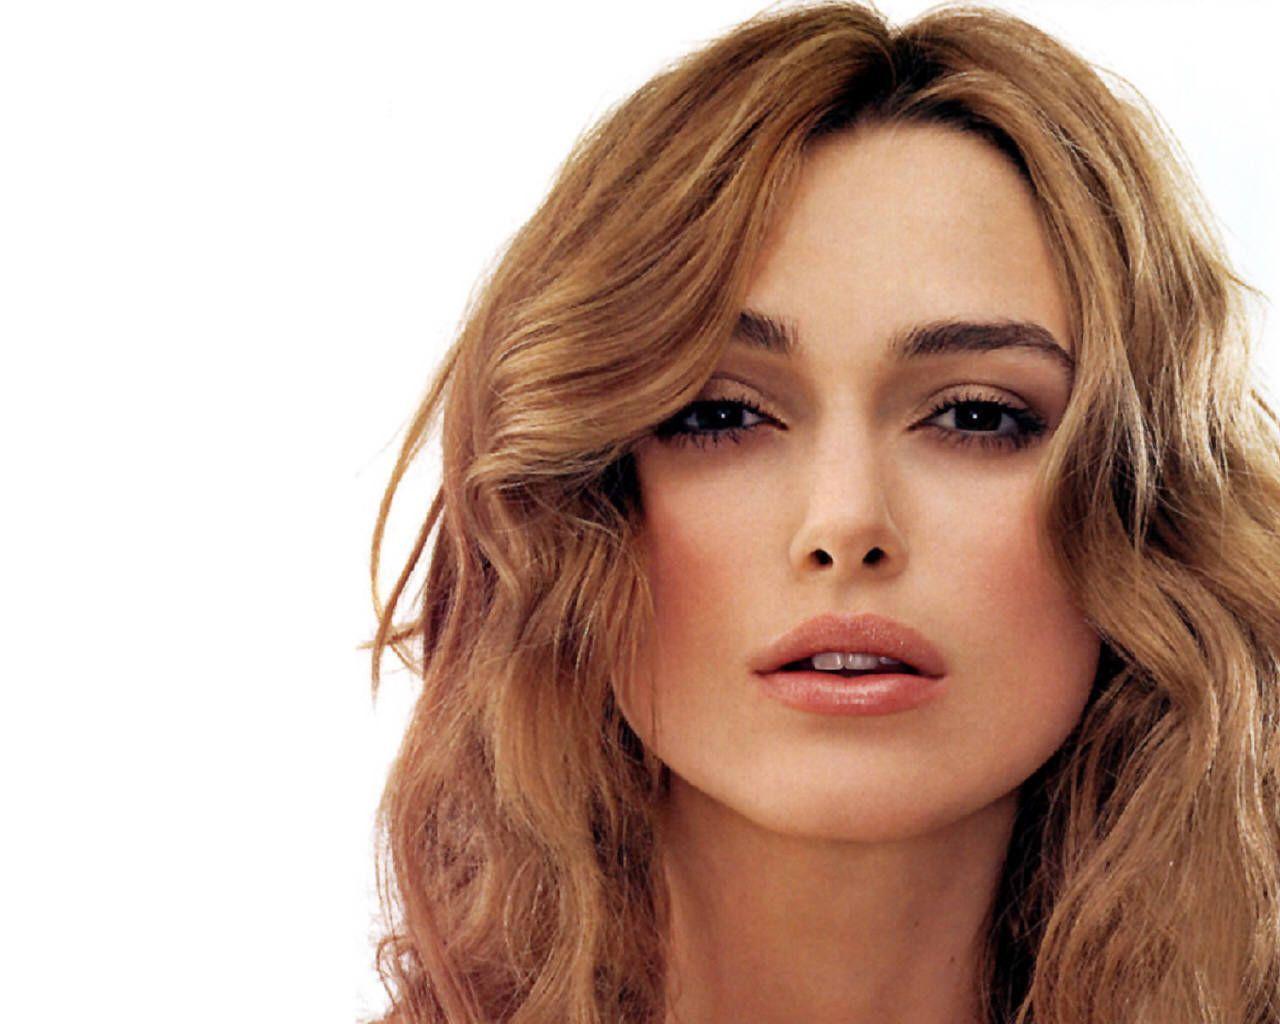 Beautiful Hollywood Actress